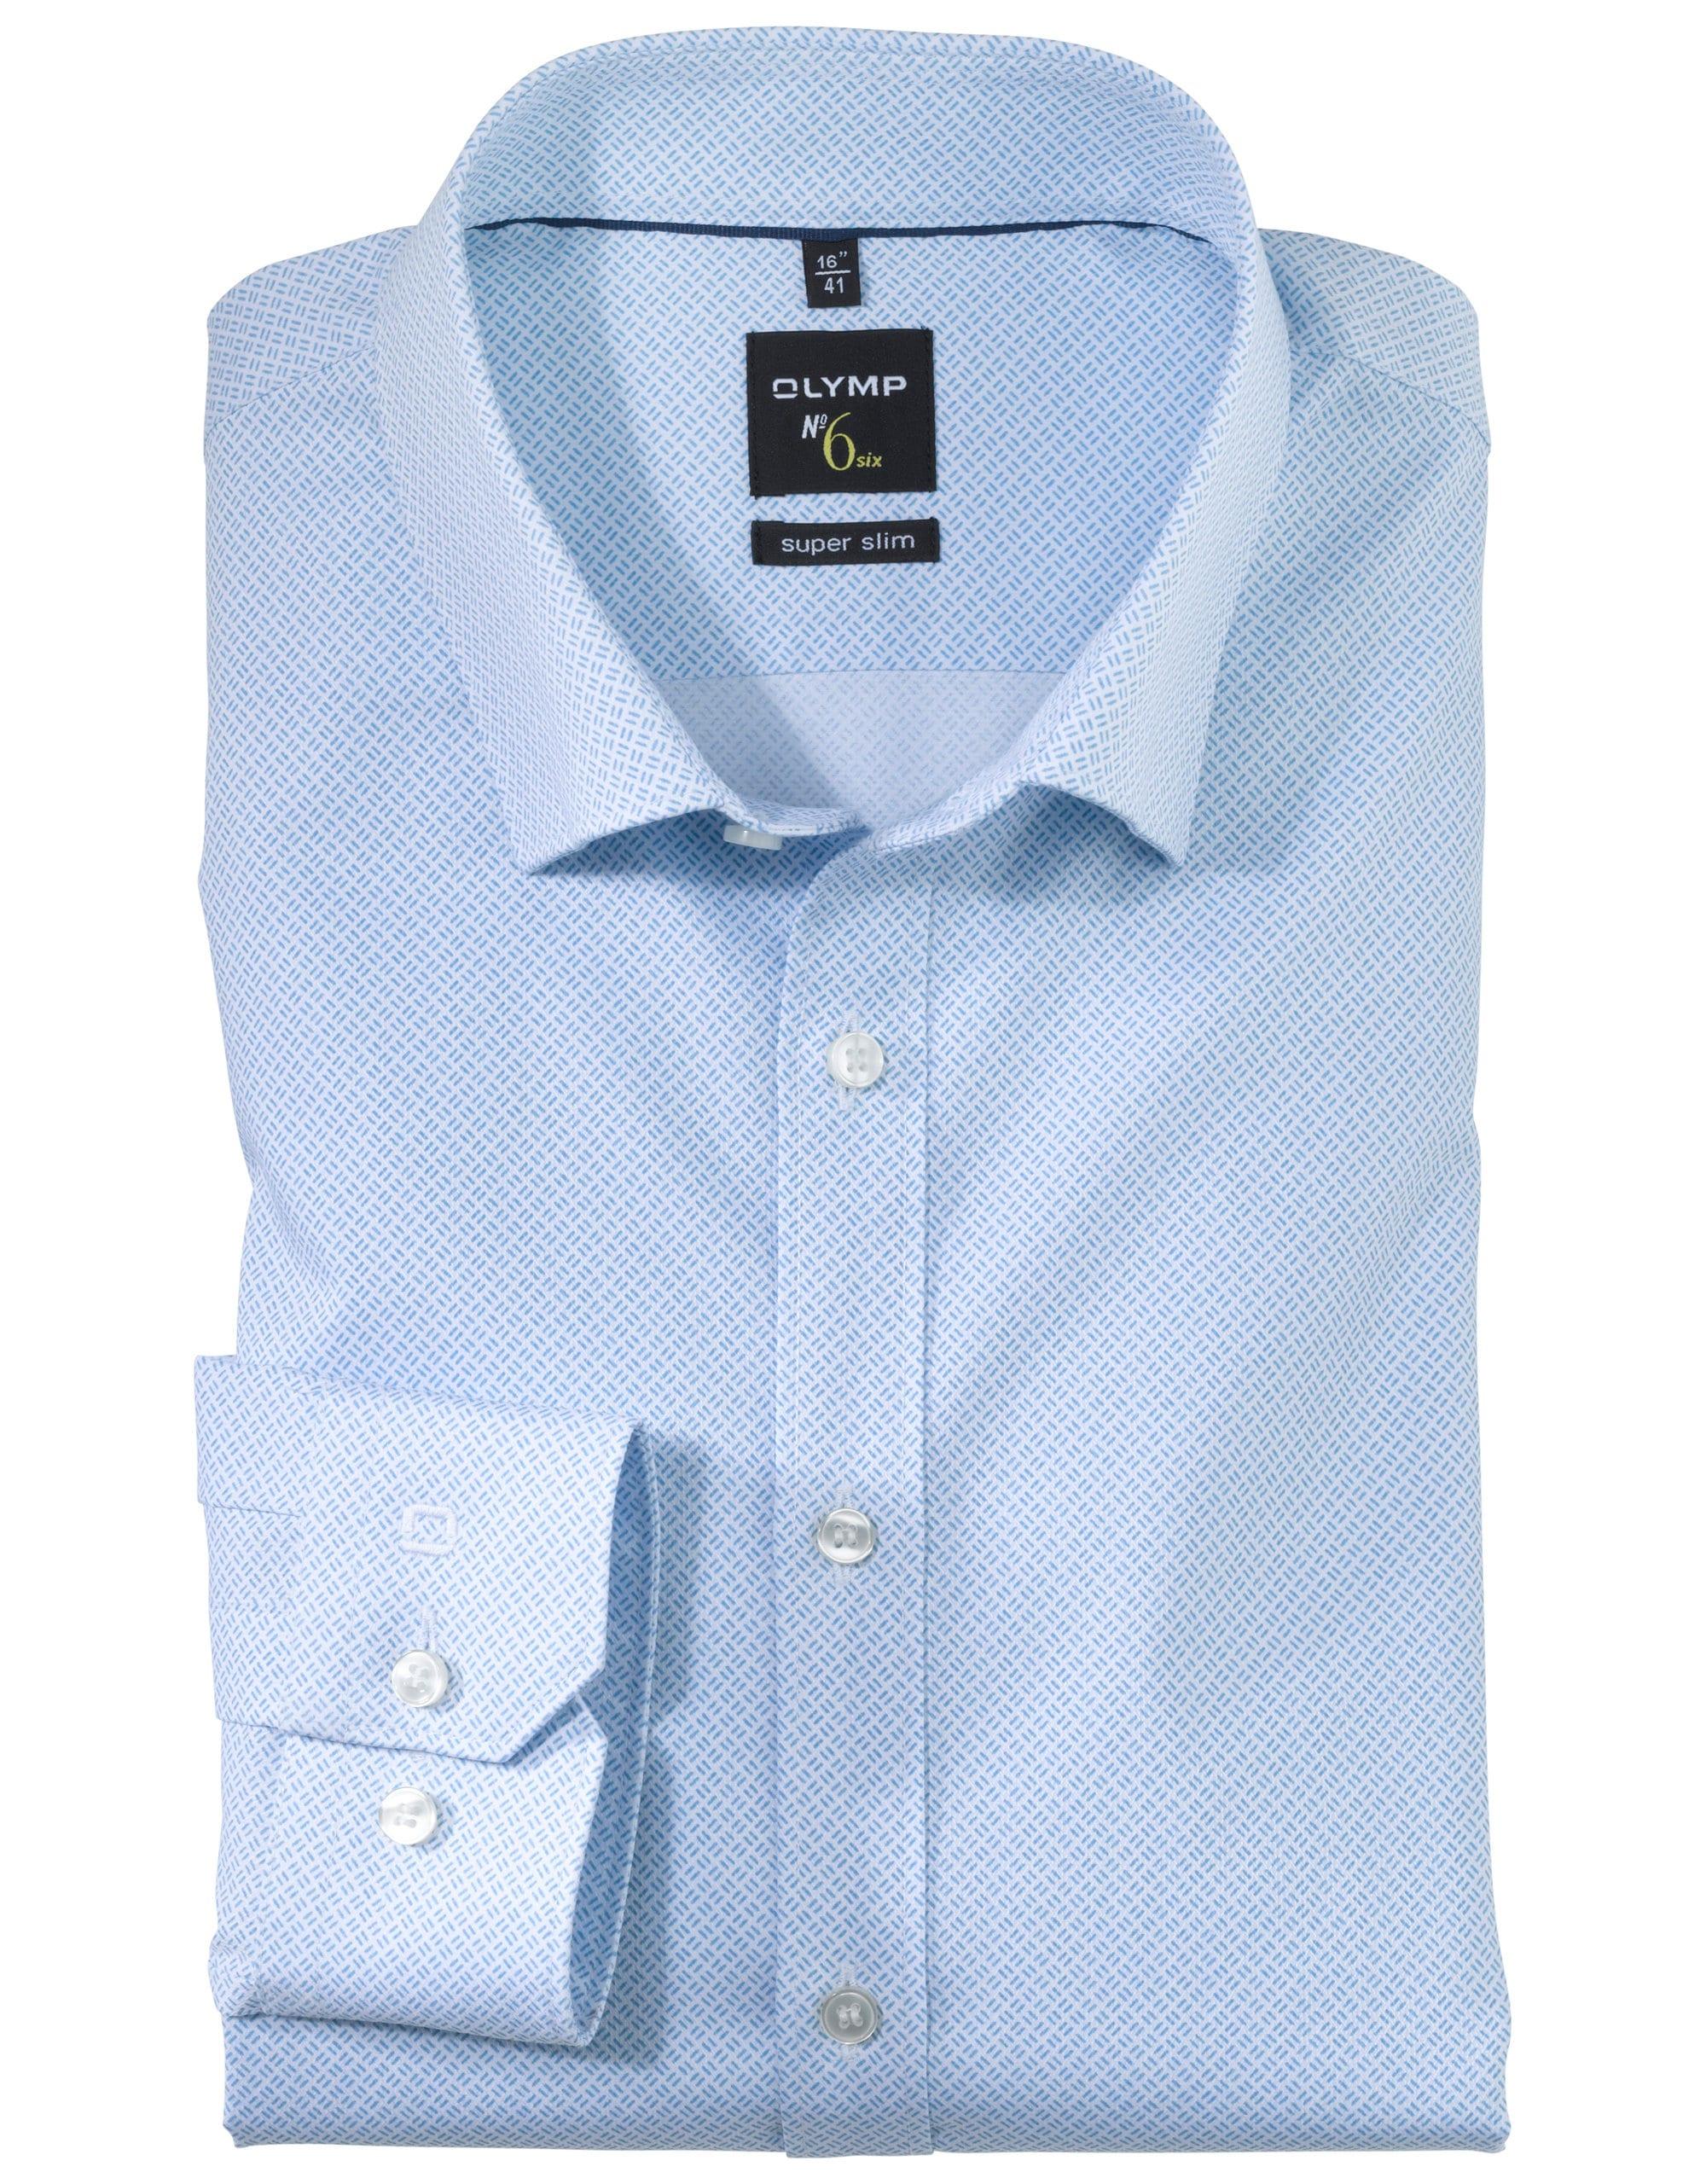 a74c375bc3 OLYMP No6 Super Slim Kék Apró Mintás Ing - Elite Fashion Öltönyház